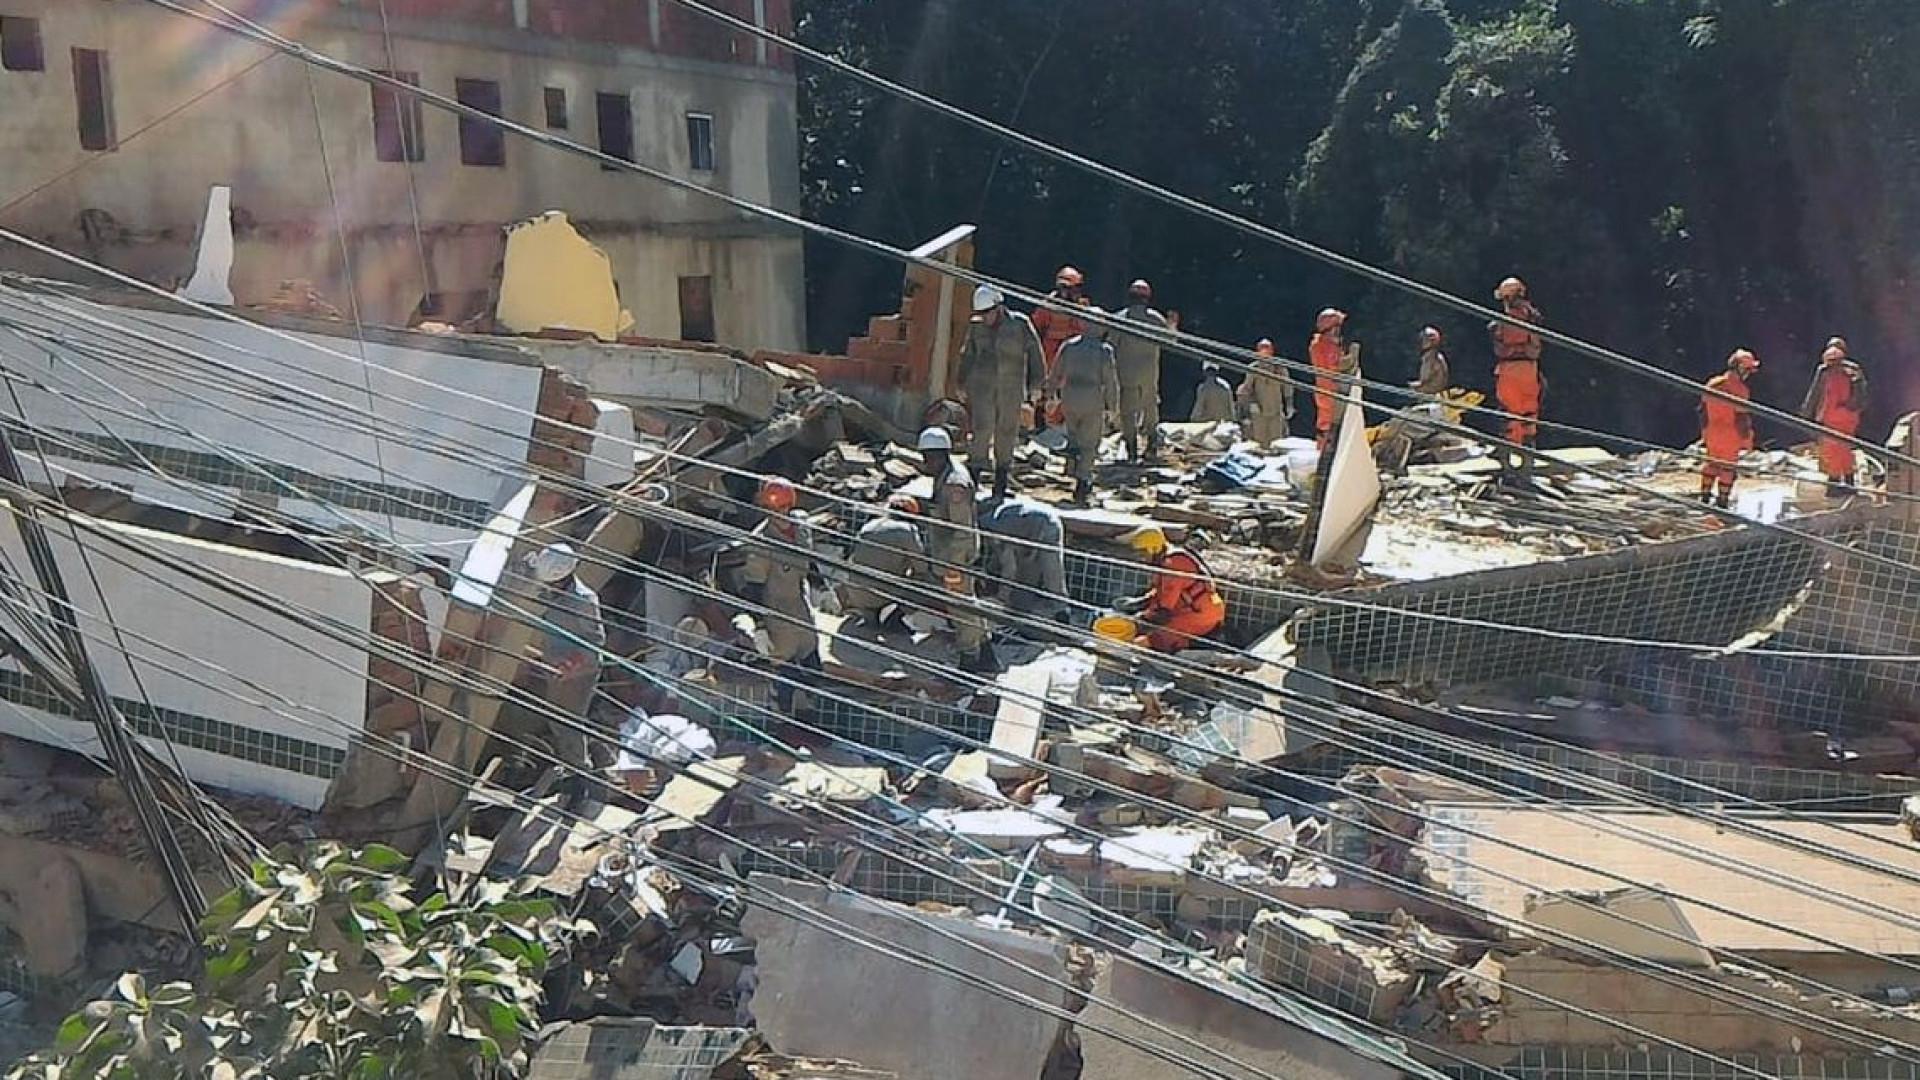 Preso suspeito de envolvimento em desabamento de prédio na Muzema